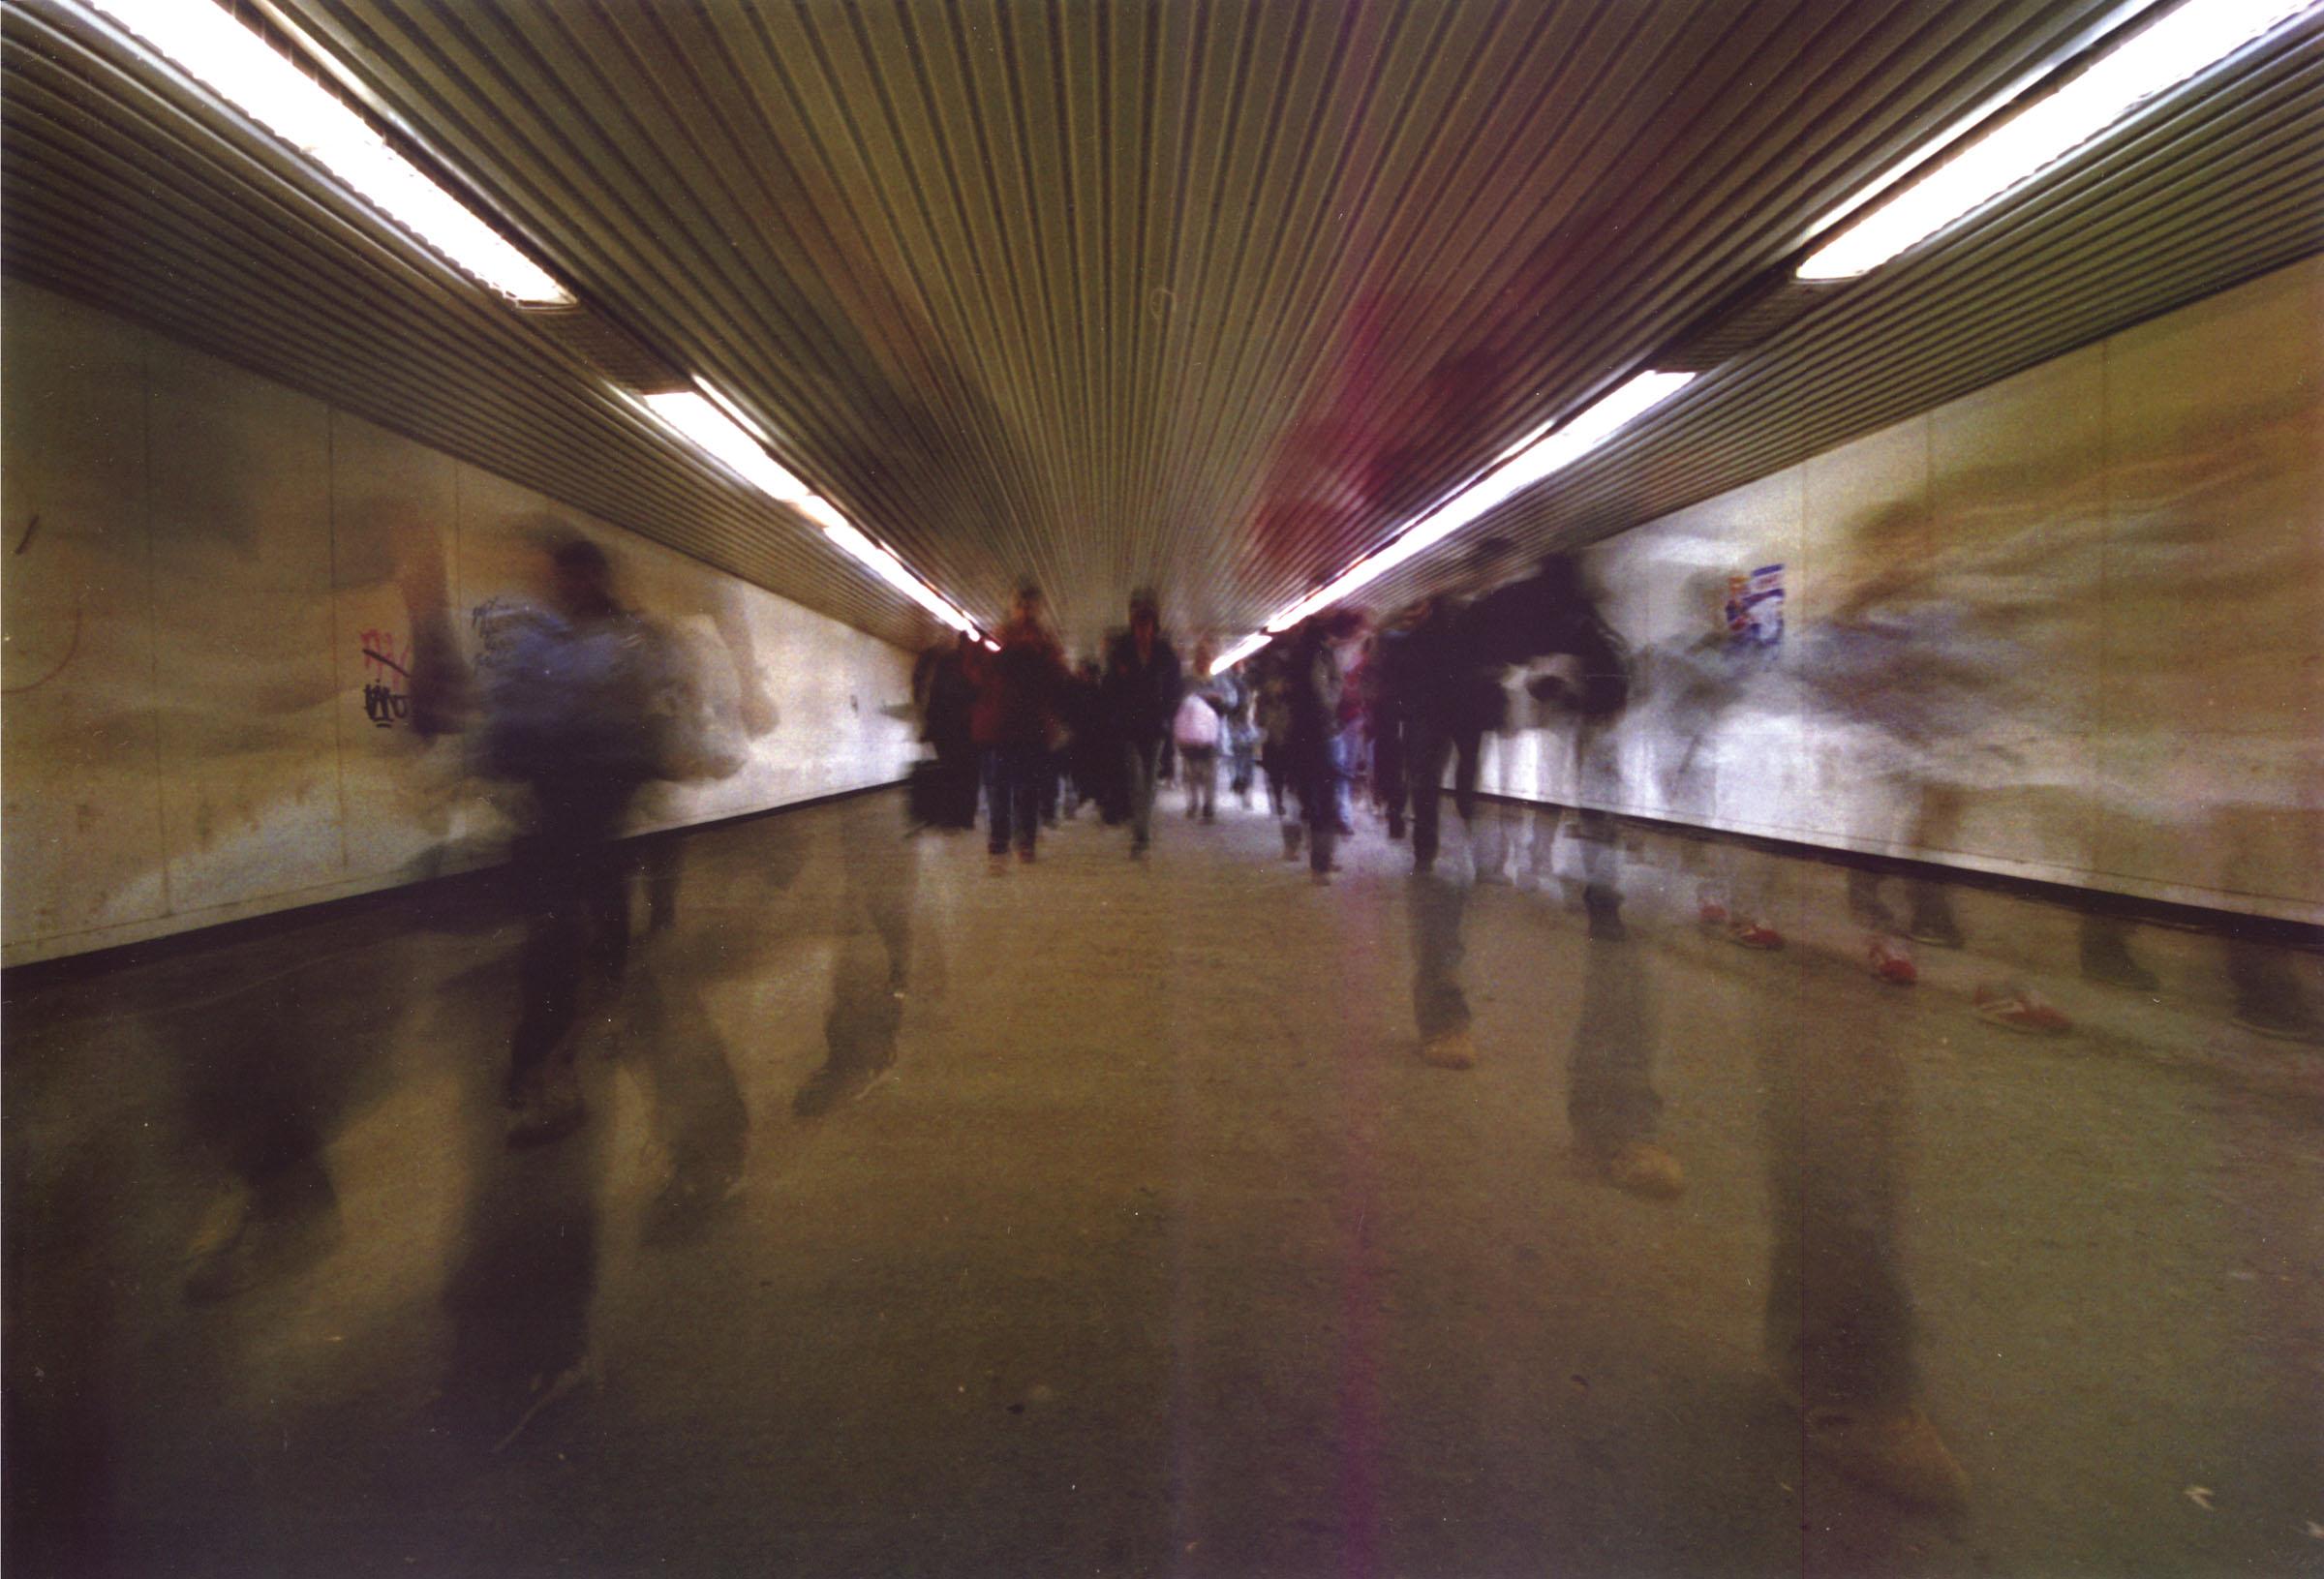 2004.09.18. Hétköznapok fotópályázat - Bakos Veronika - Szellemek az aluljáróban.jpg